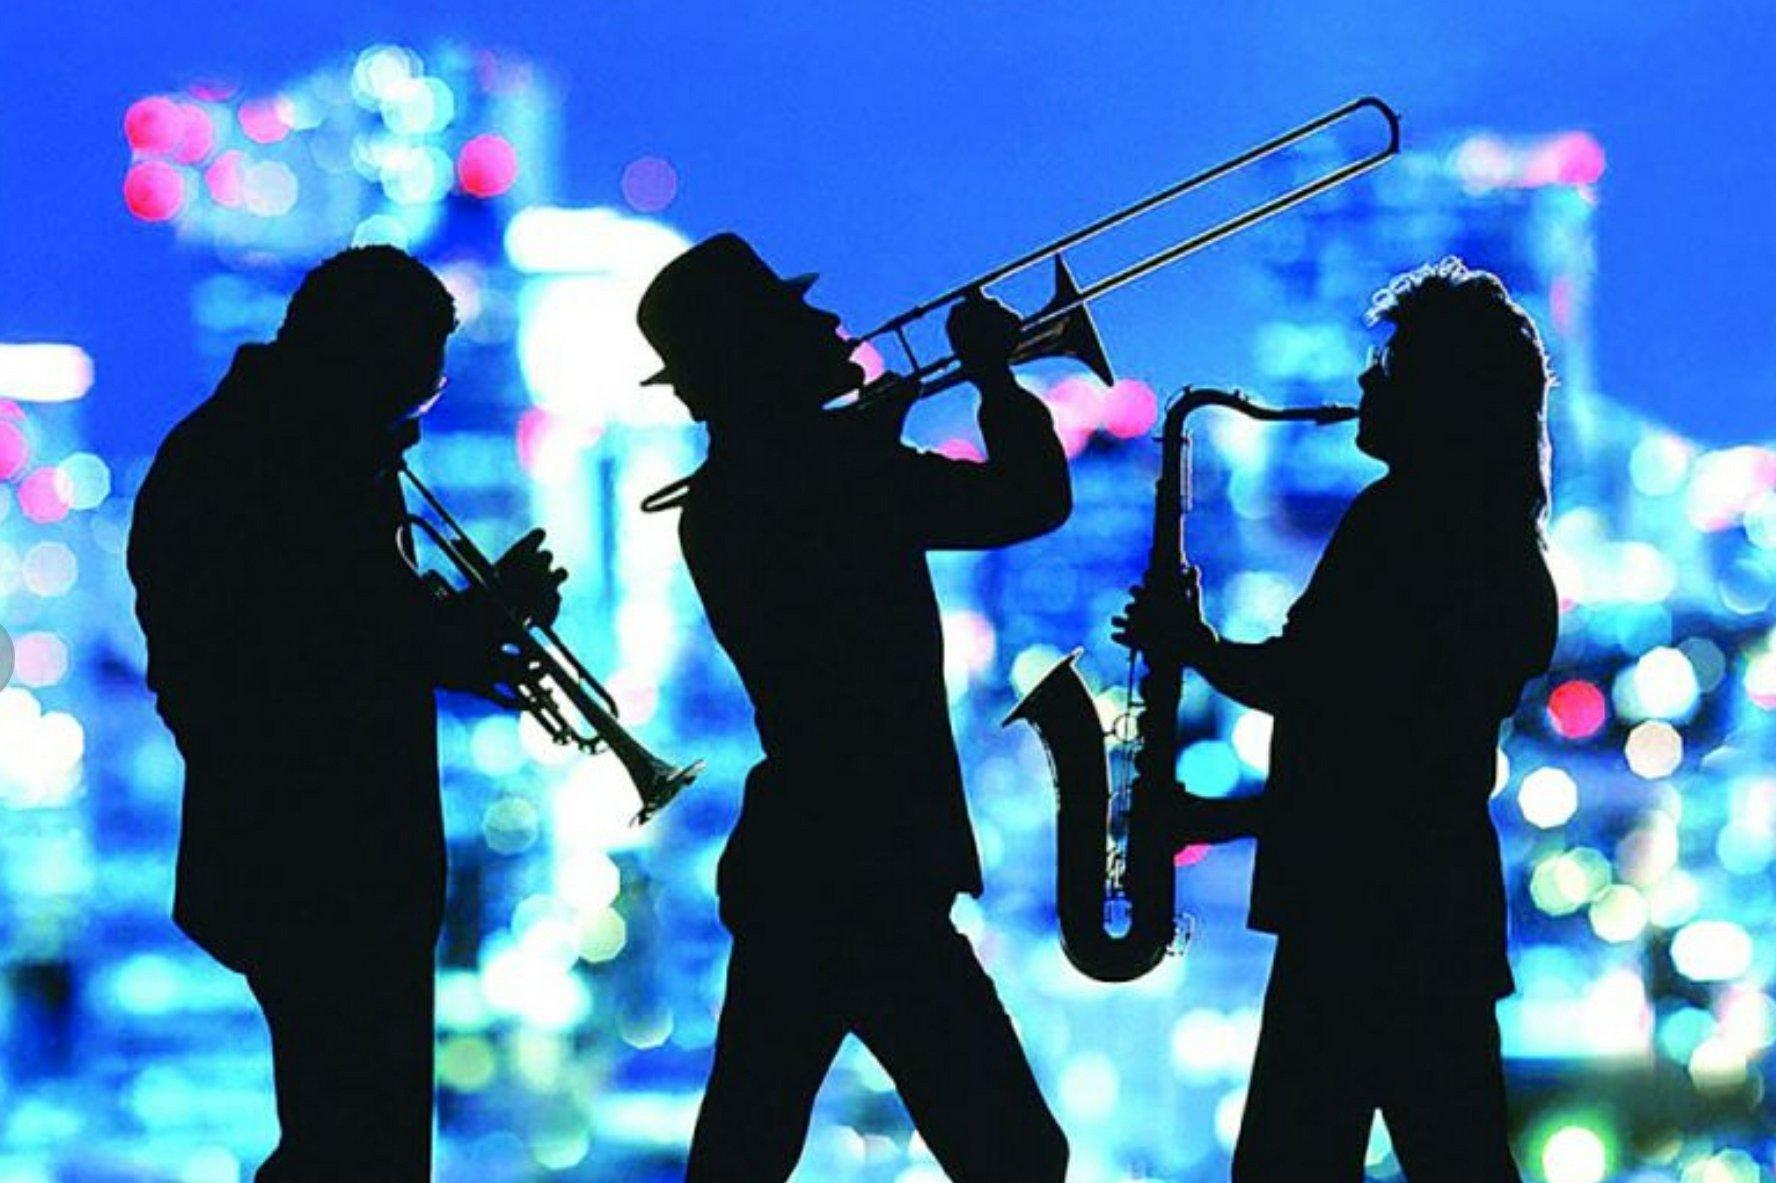 красивый ночной джаз фото этот день блистать